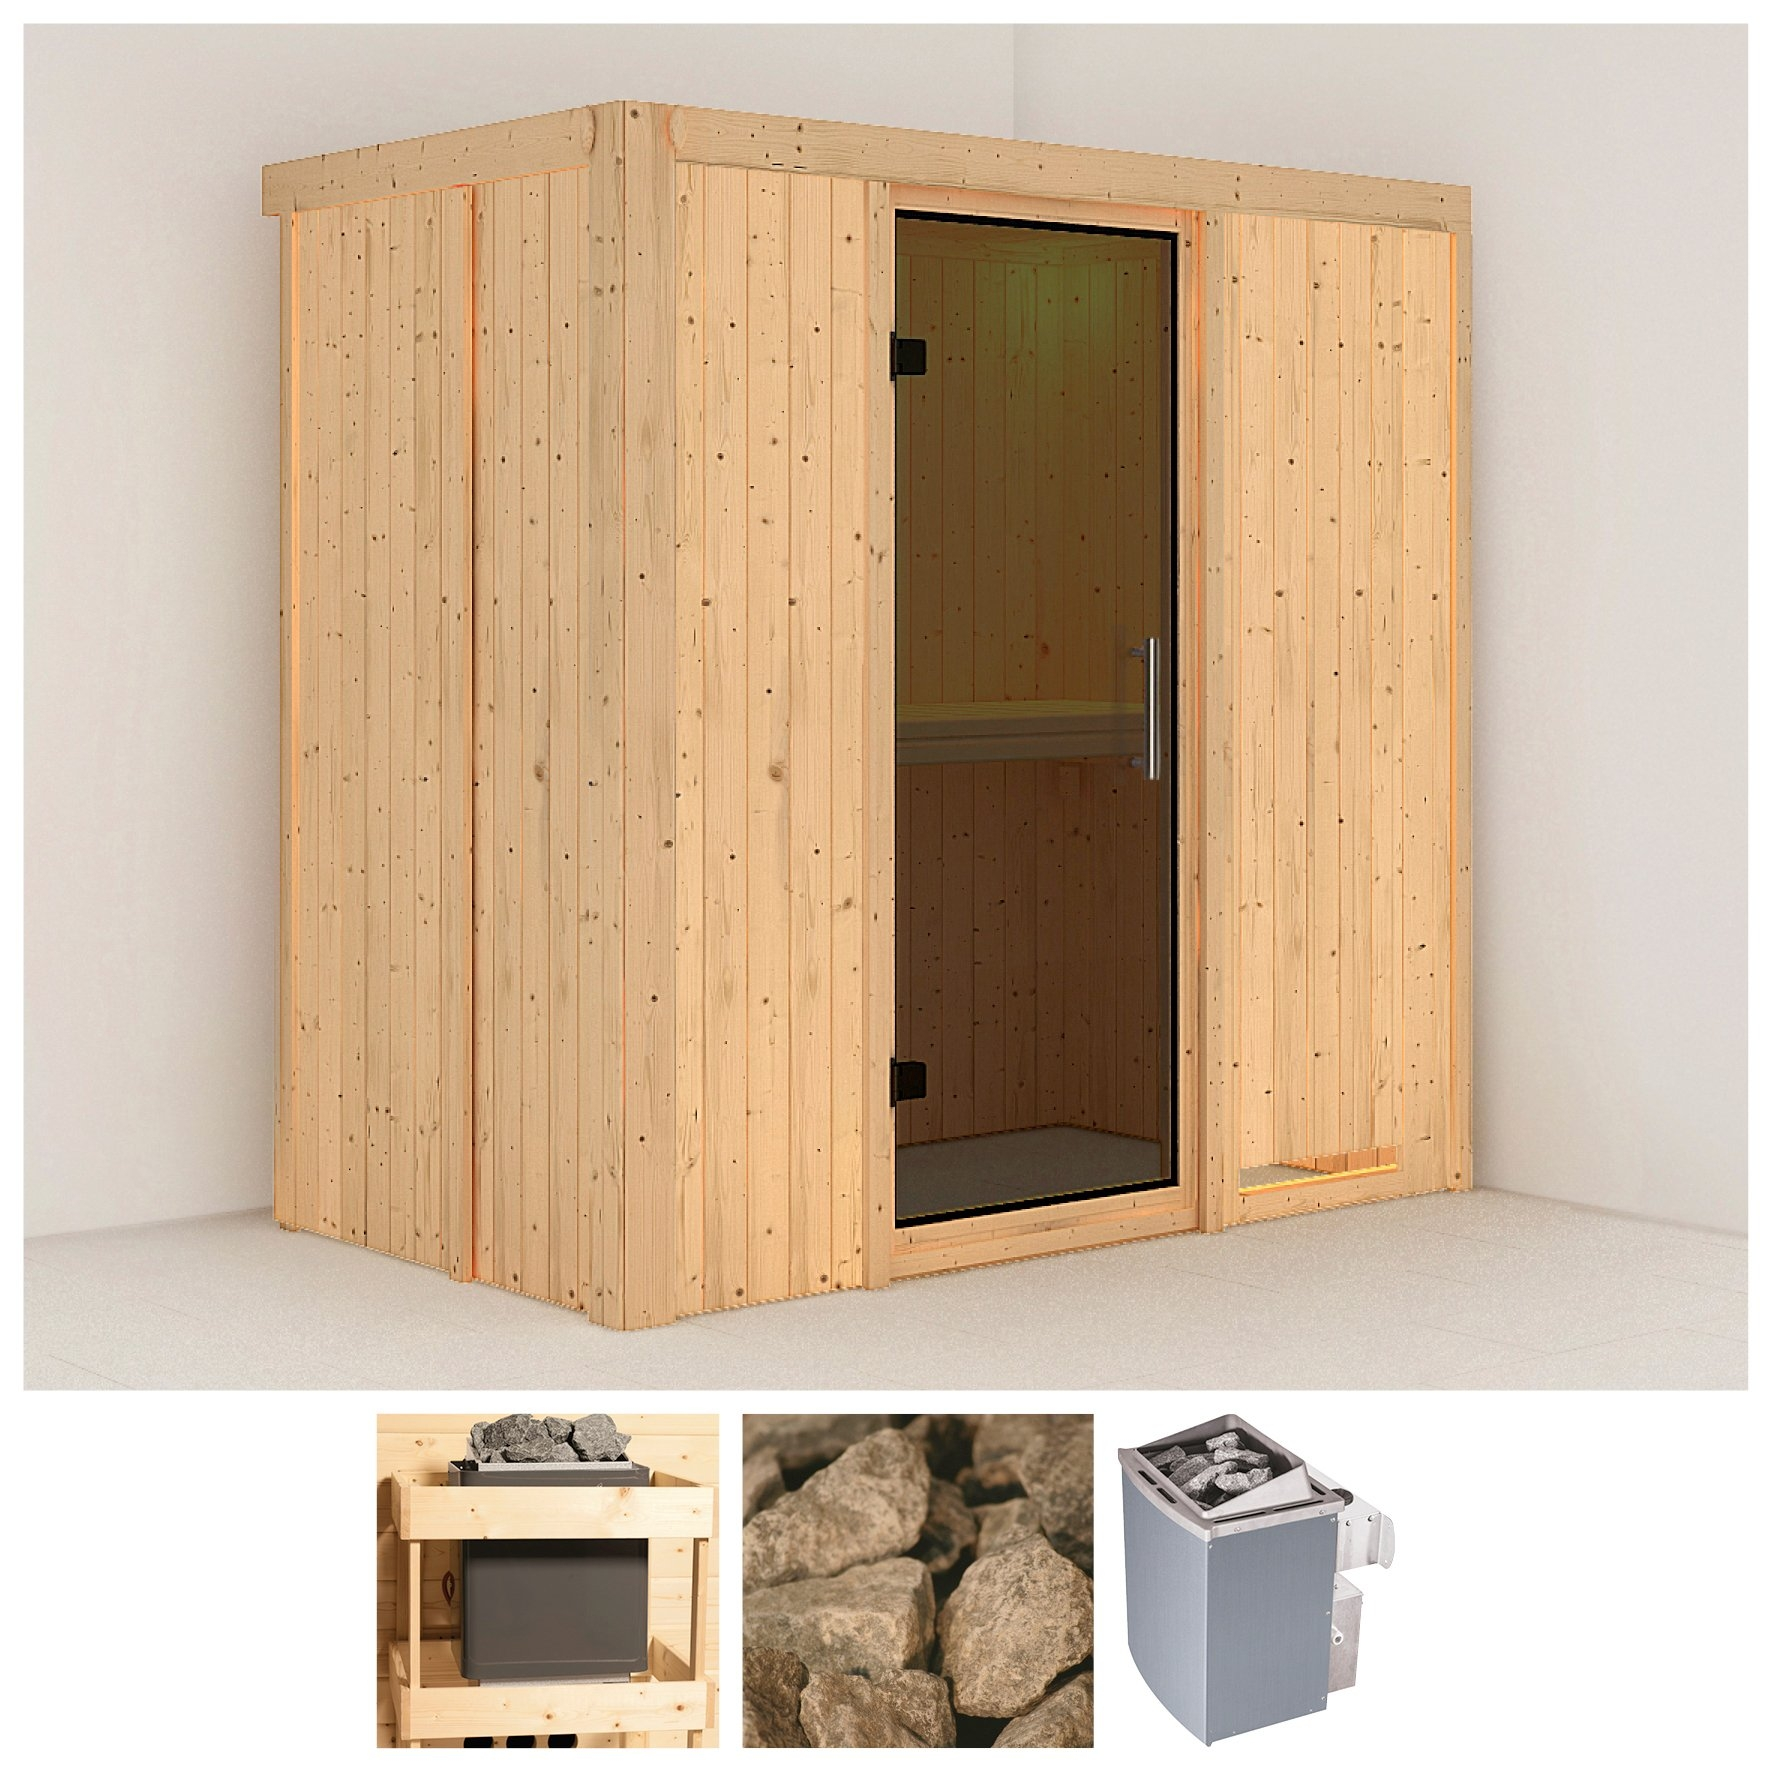 KONIFERA sauna »Variado«, 196/118/198 cm, 9-kW-Ofen mit int. Steuerung, Glastür grafit online kopen op otto.nl